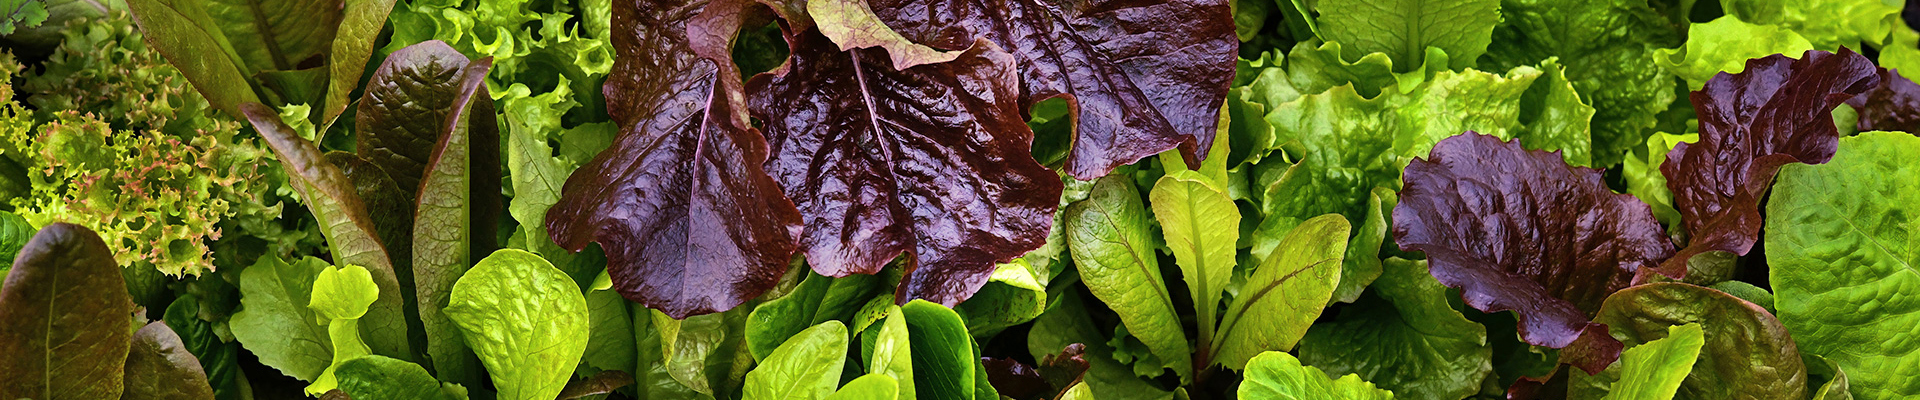 Salad Blends